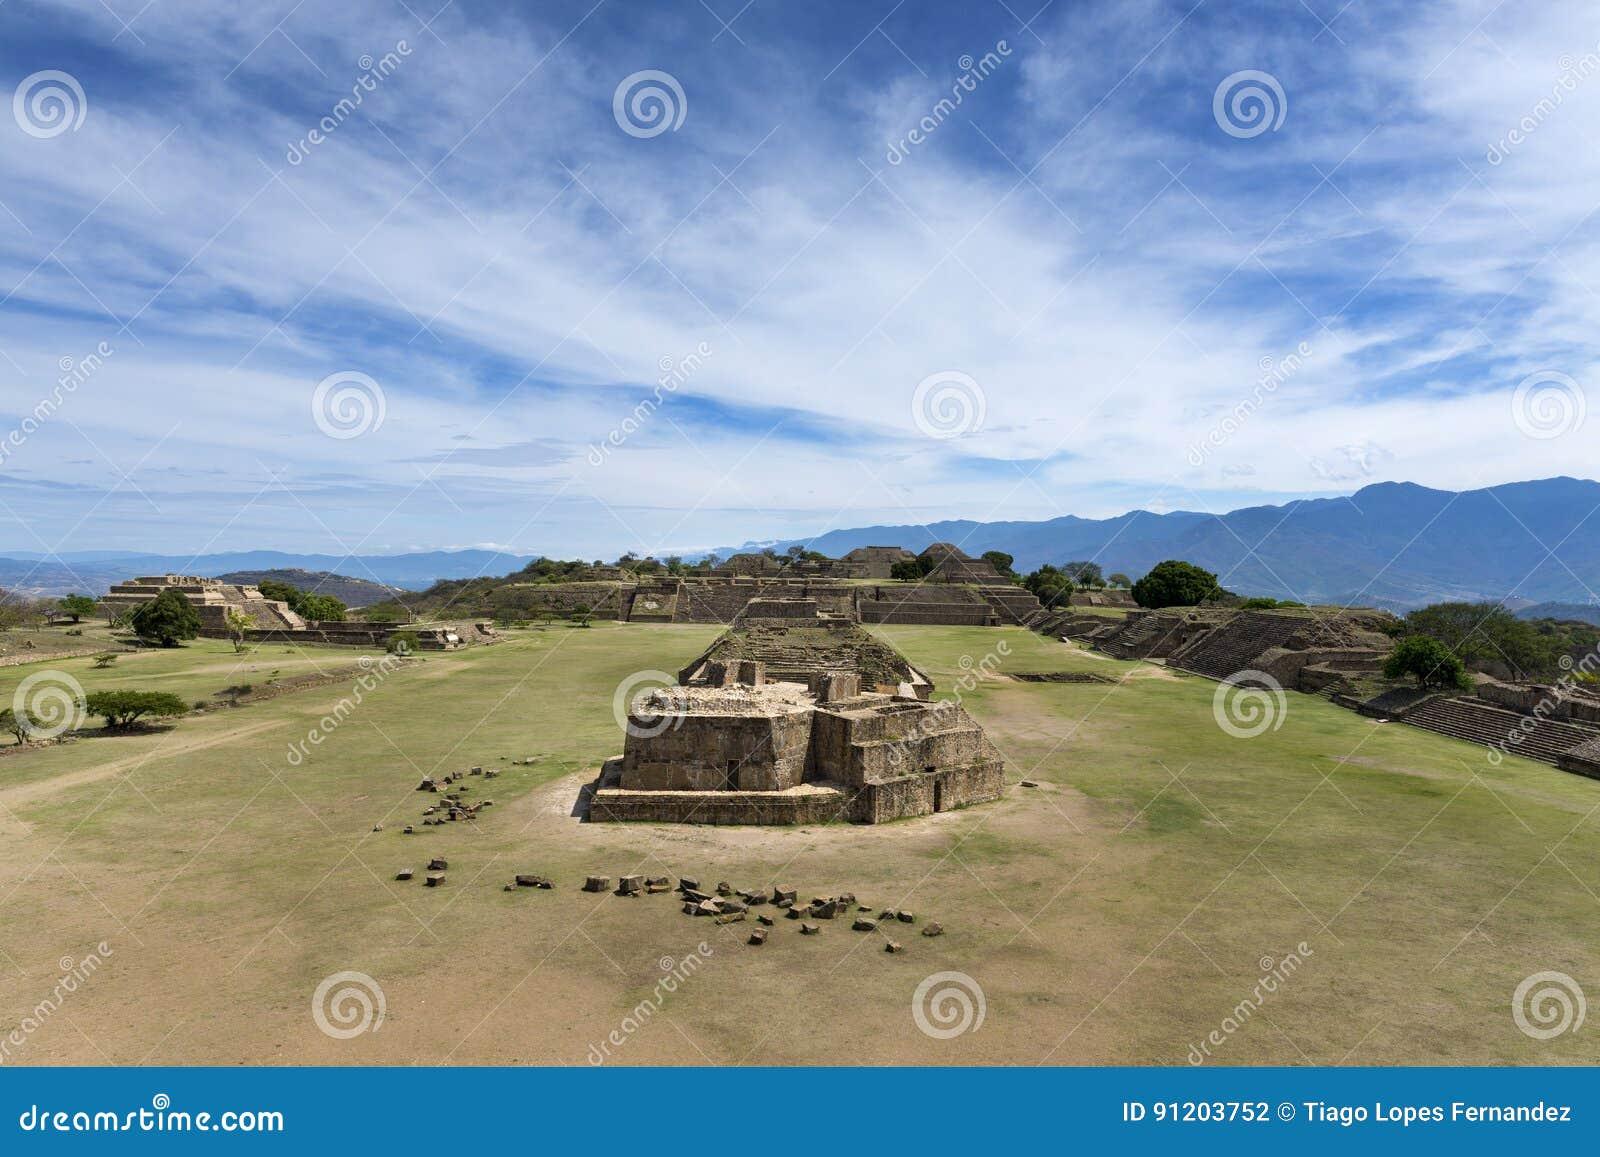 Mening van de Monte Alban-ruïnes in Oaxaca